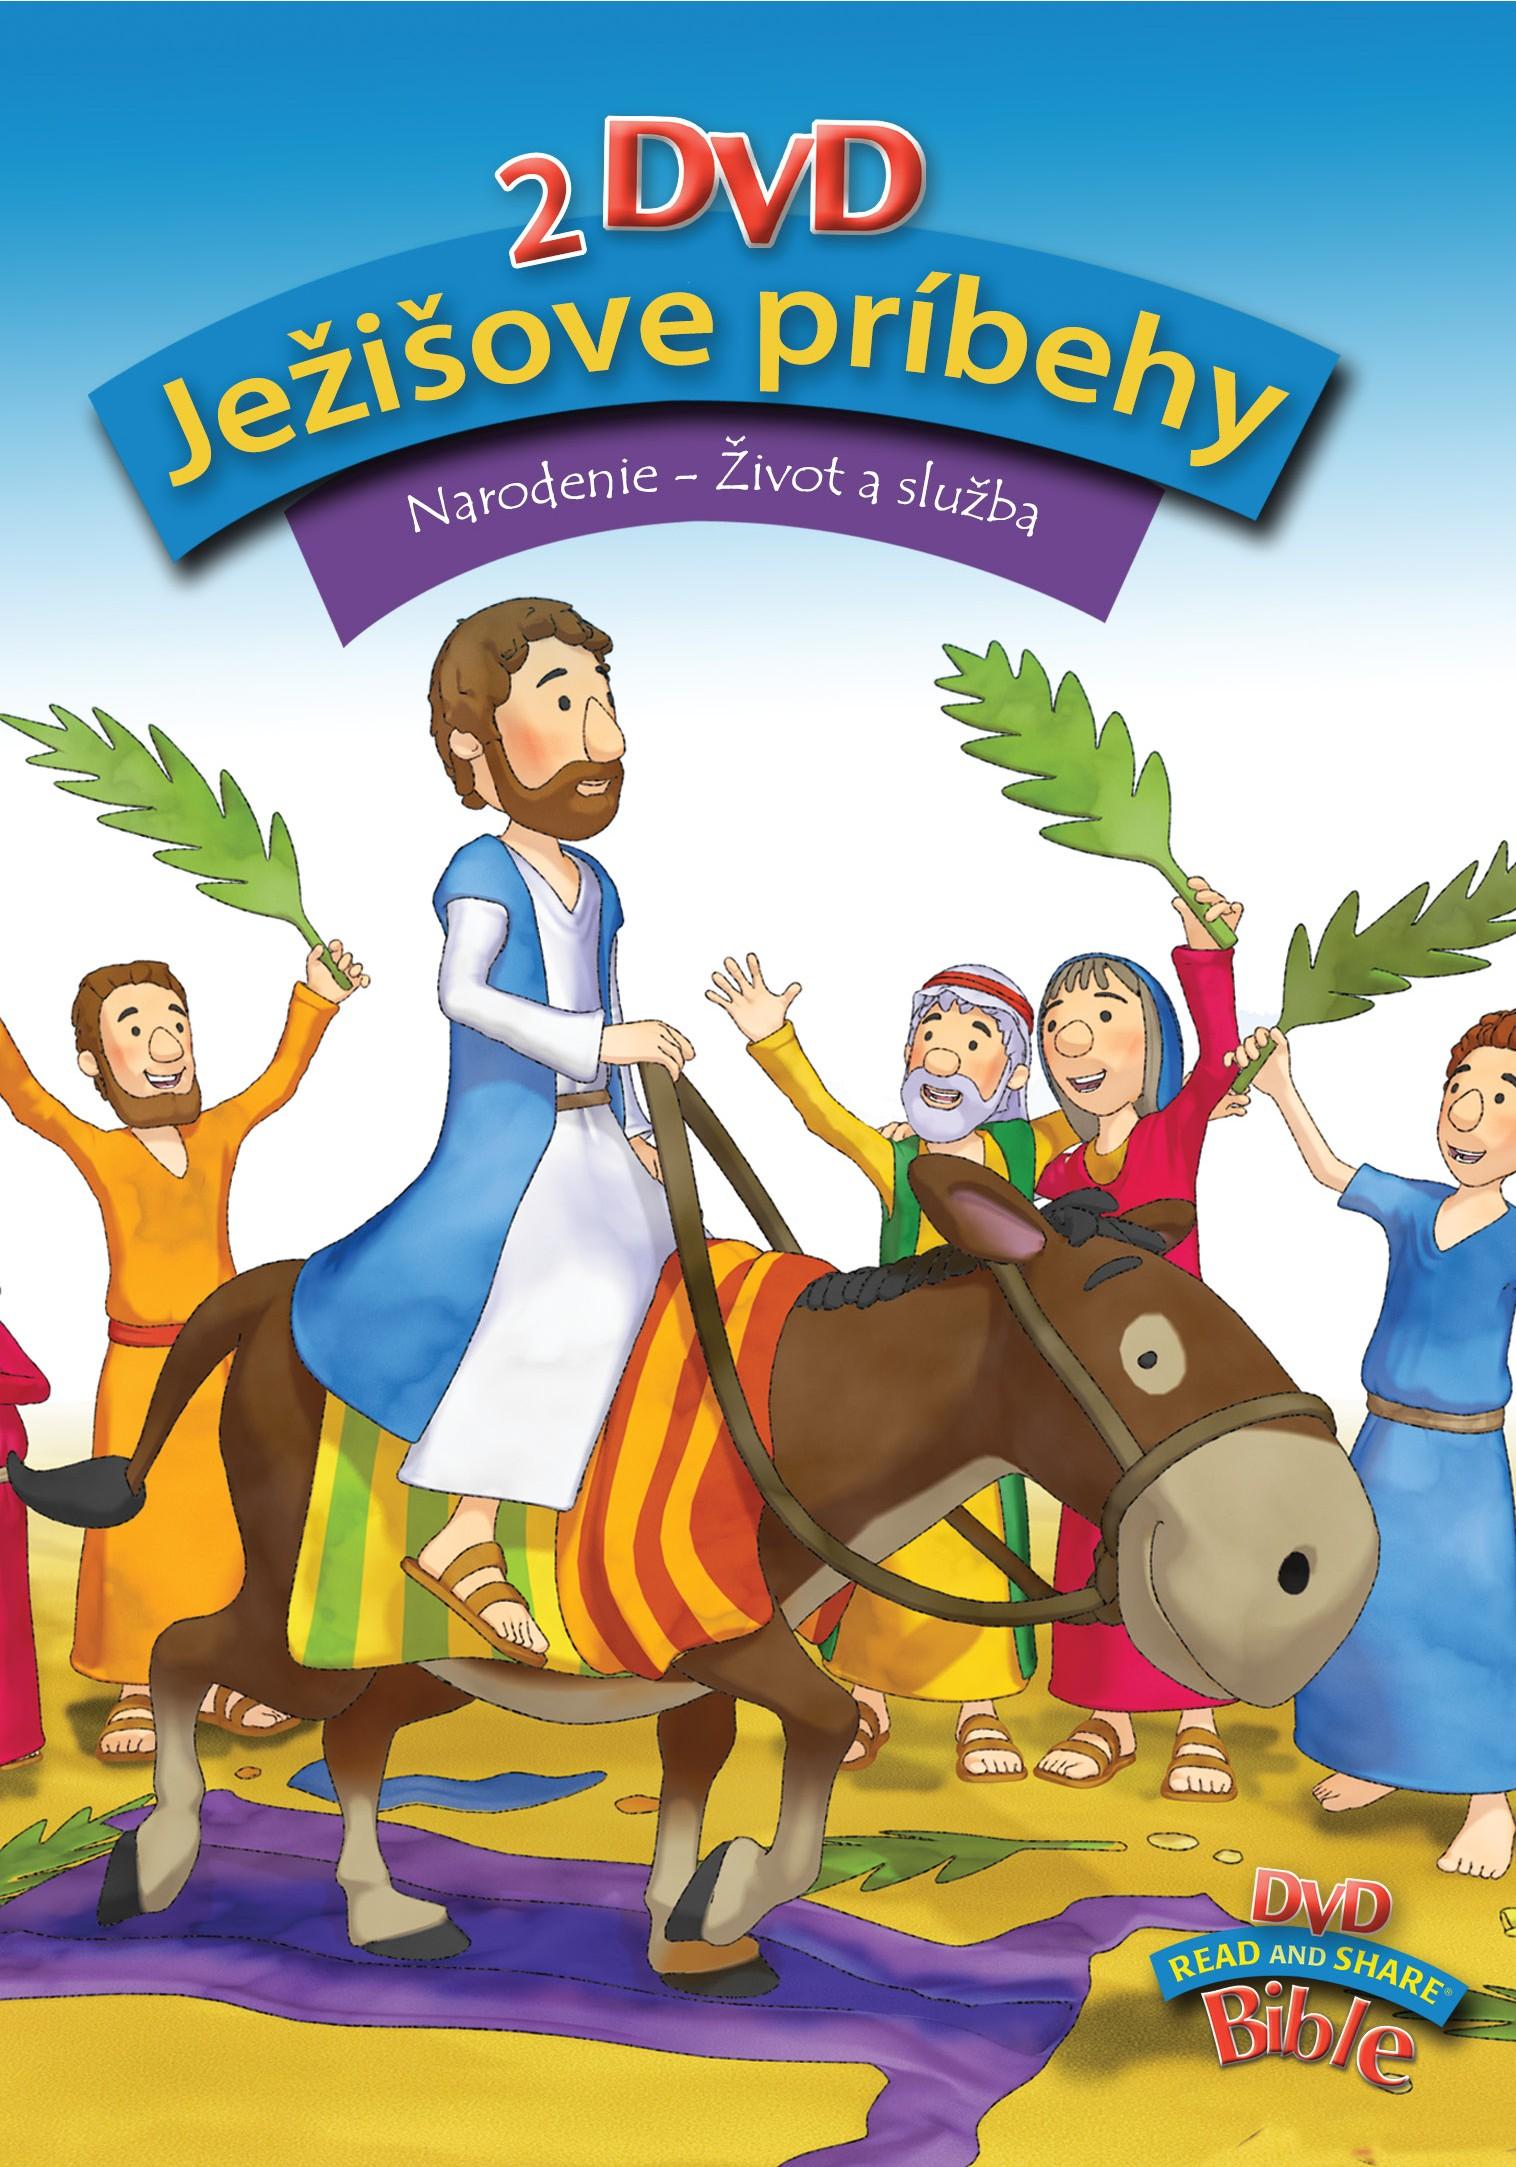 Ježišove príbehy (2x DVD) - Narodenie - Život a služba